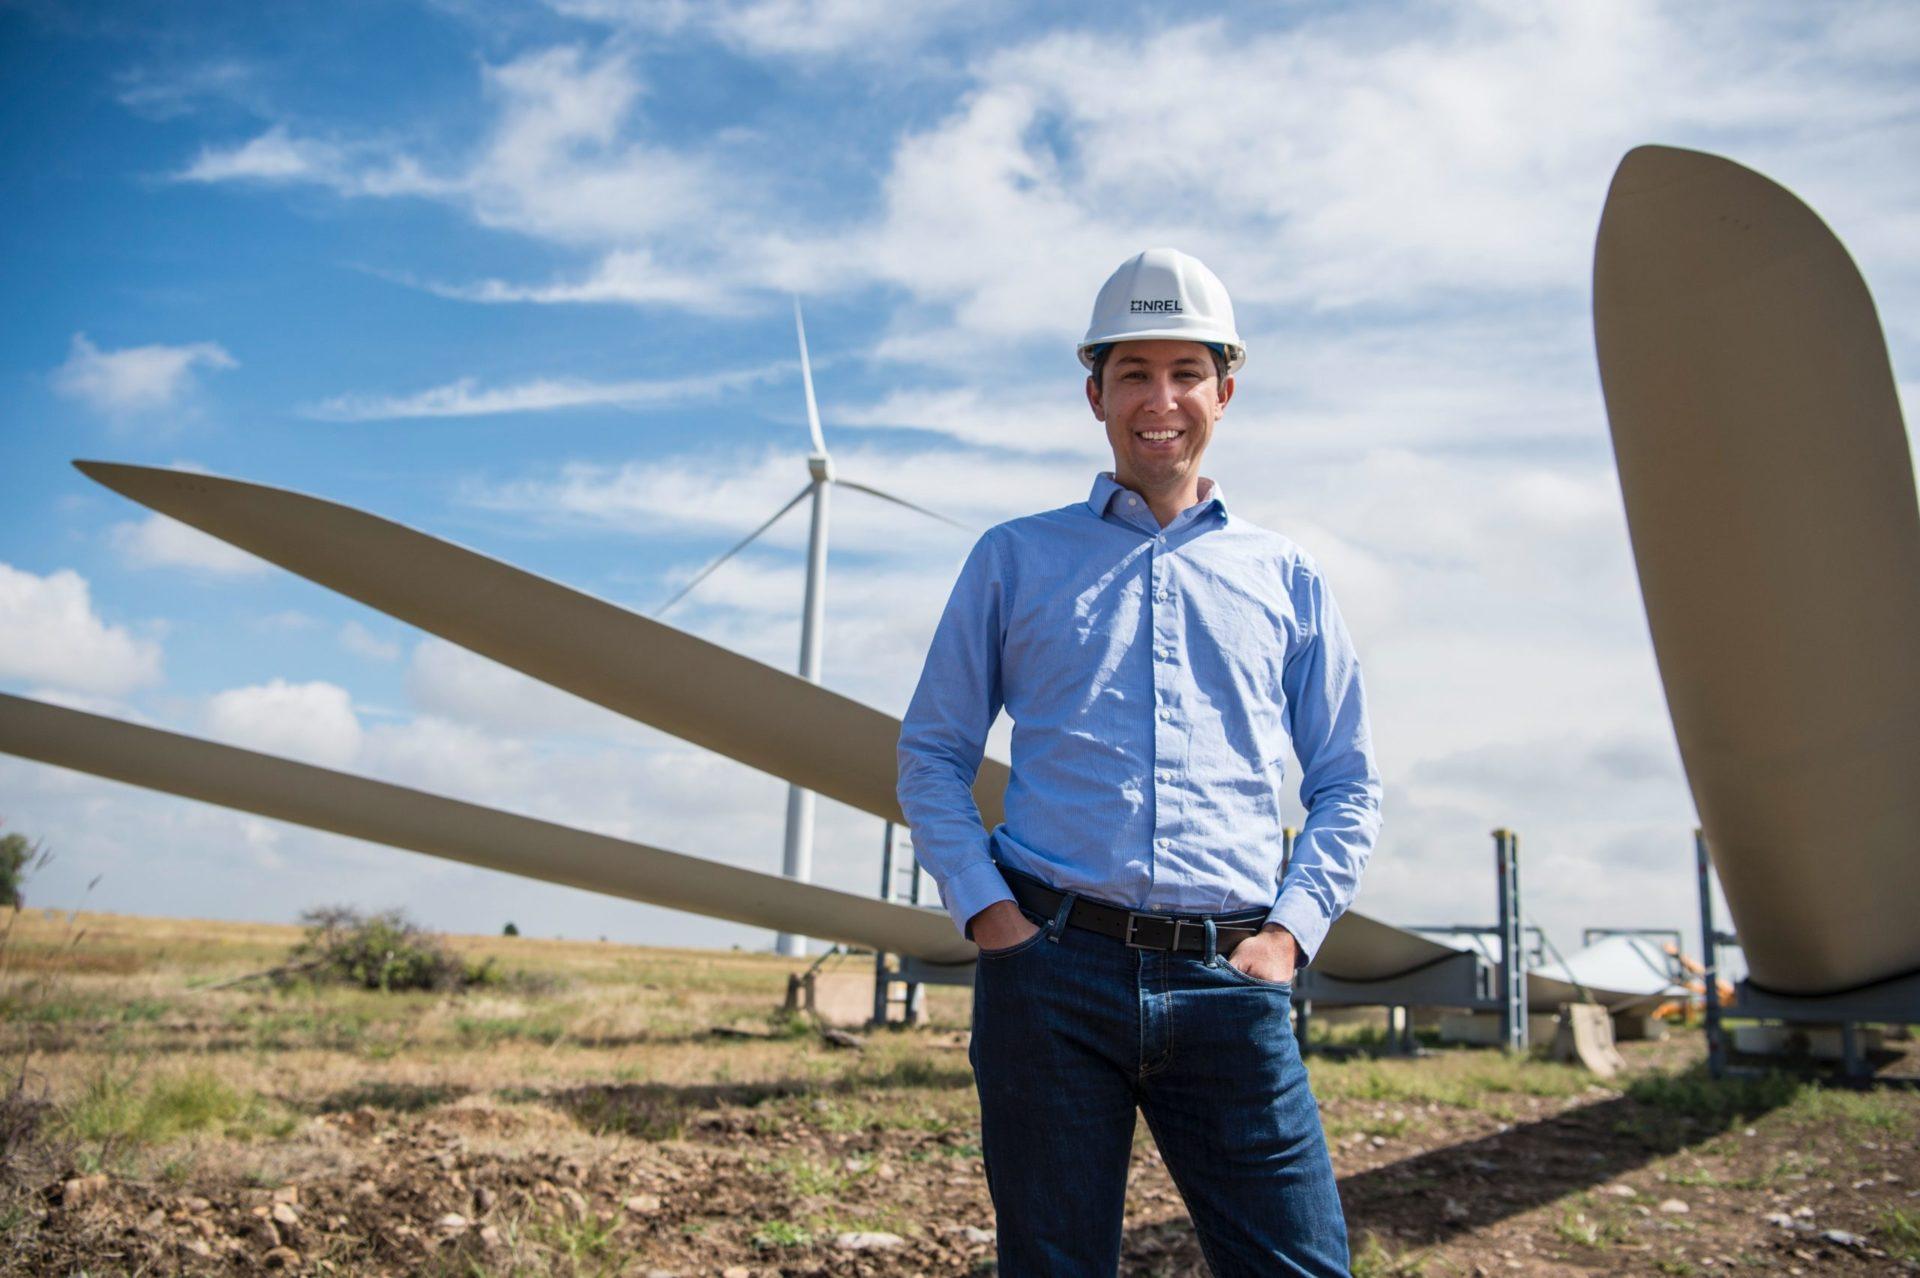 Windenergie: Repowering – Ansätze, Erfahrungen und Aktuelles